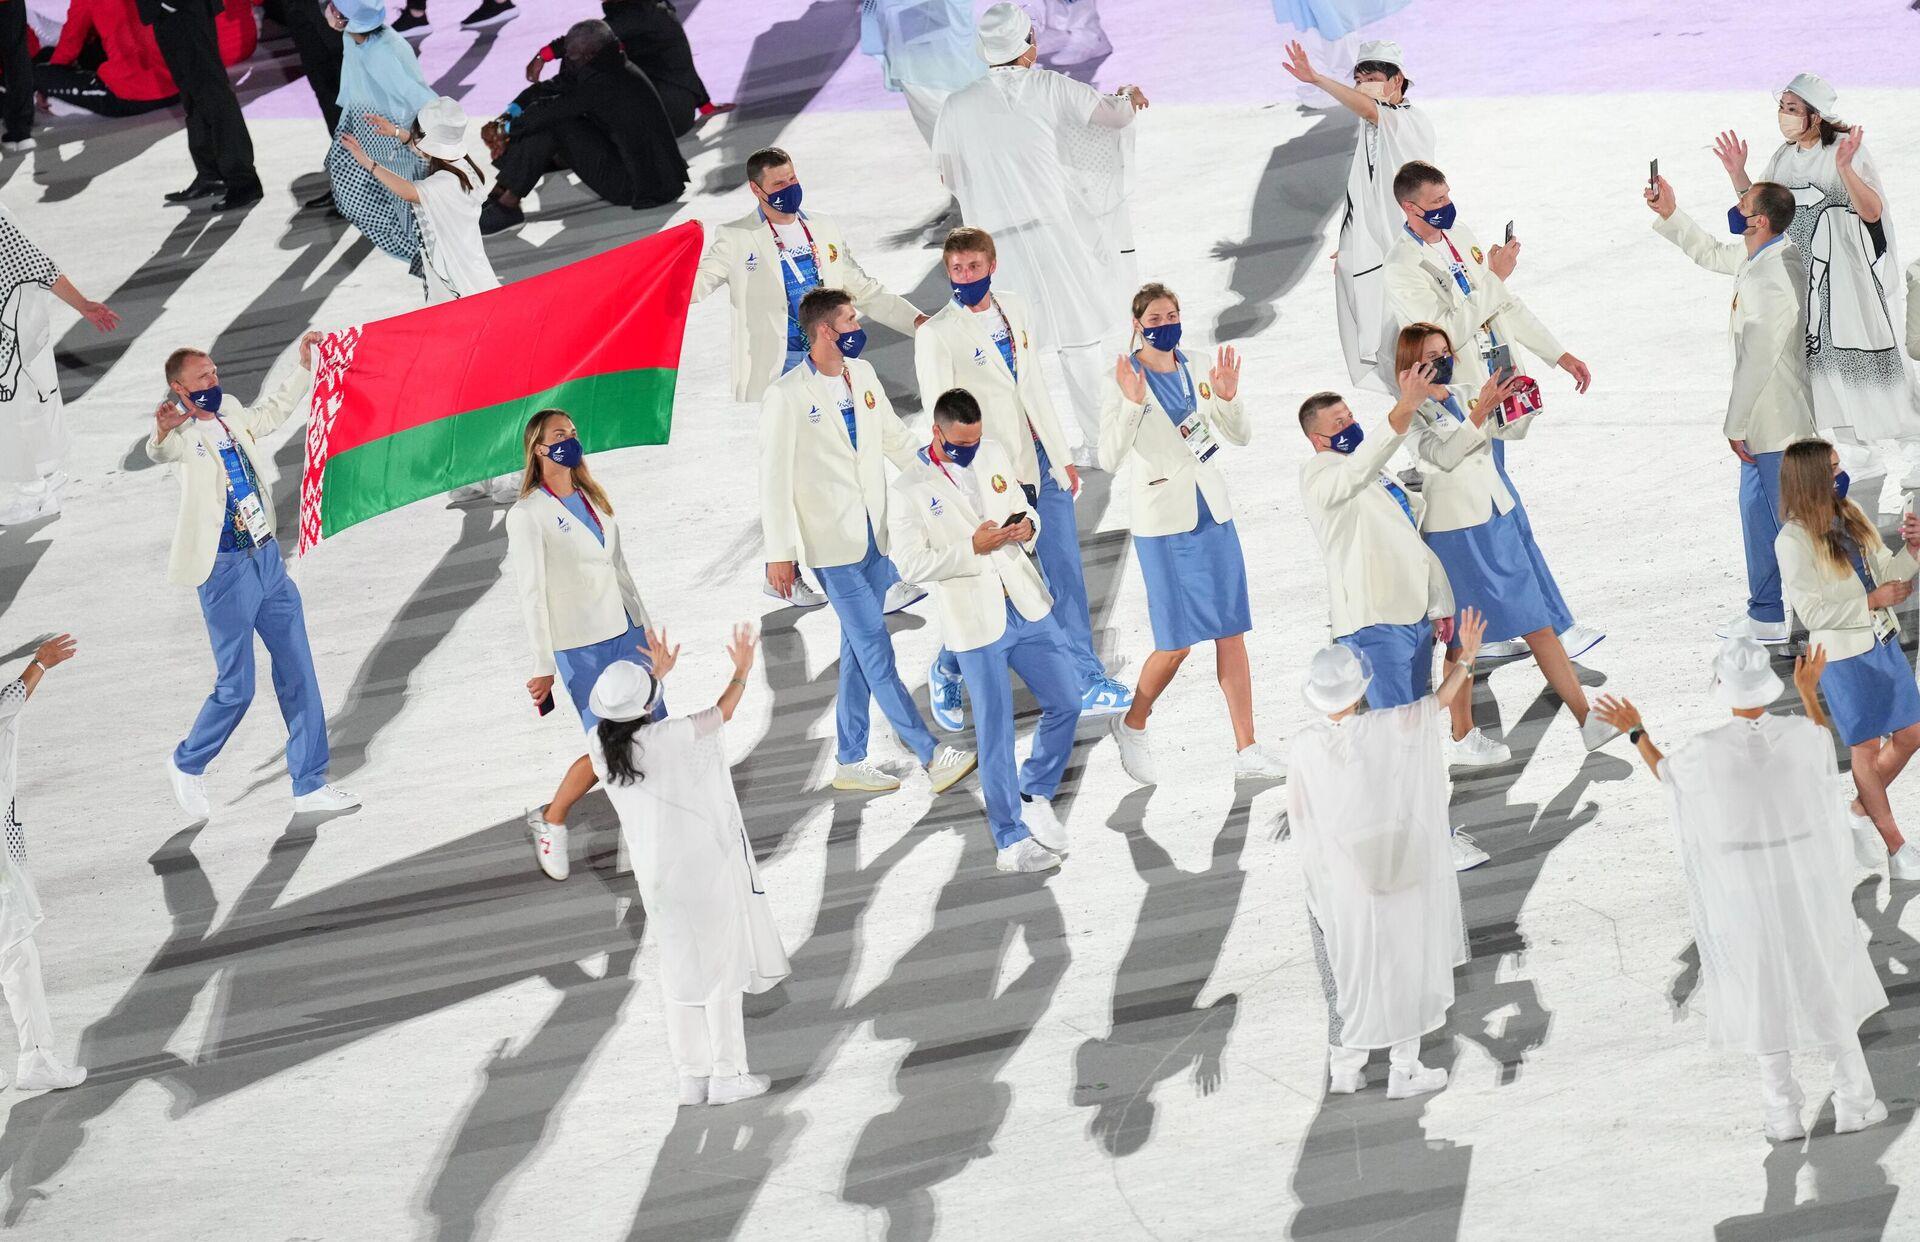 Спортсмены сборной Беларуси во время парада атлетов на церемонии открытия XXXII летних Олимпийских игр  - Sputnik Беларусь, 1920, 23.07.2021